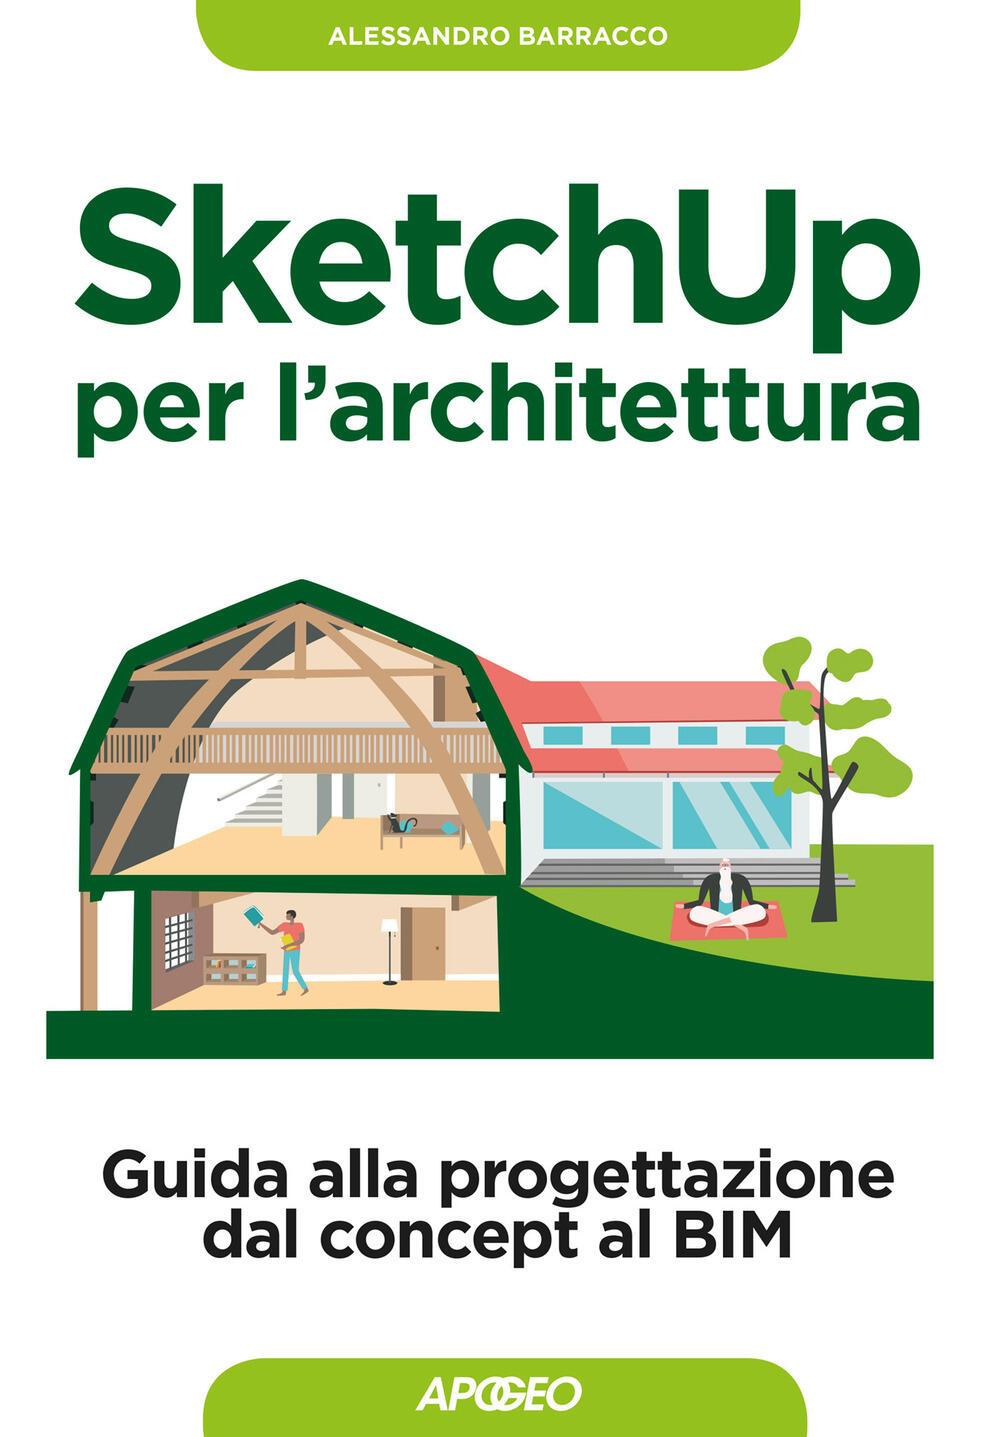 Sketchup per l 39 architettura guida alla progettazione dal for Programmi 3d architettura